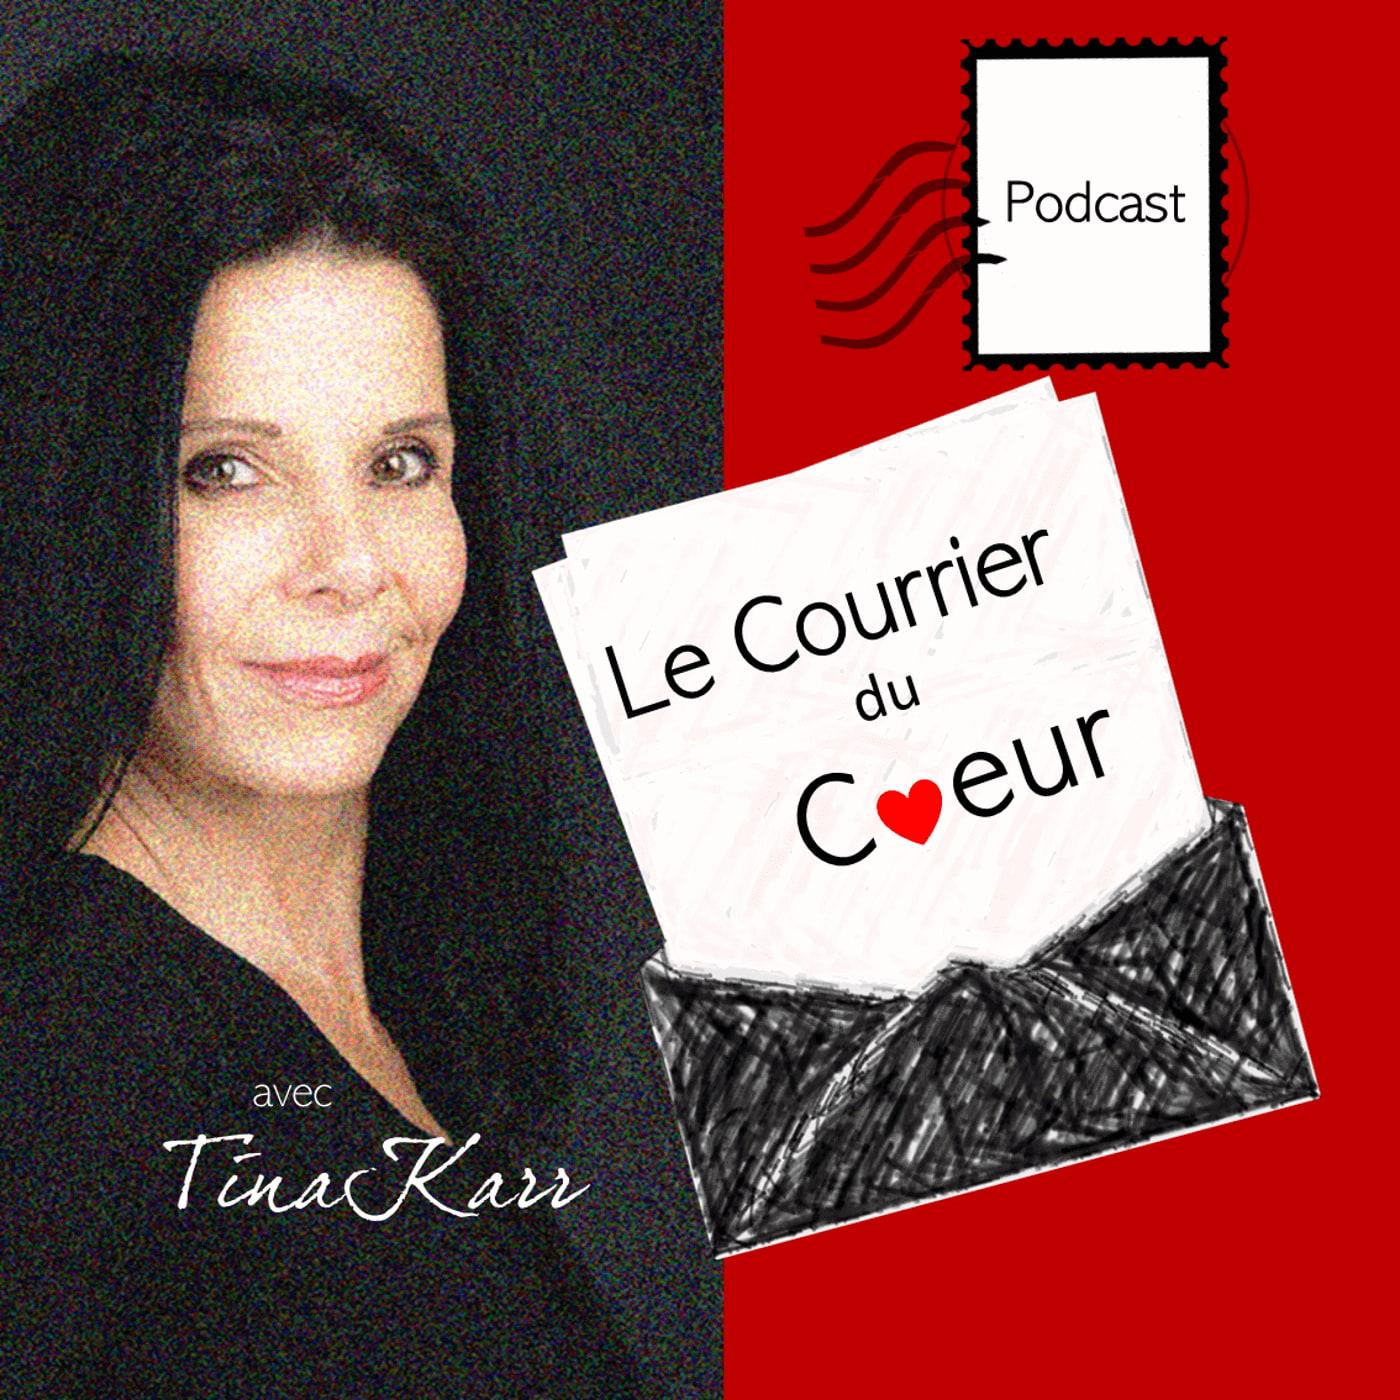 Le Courrier du Coeur Podcast